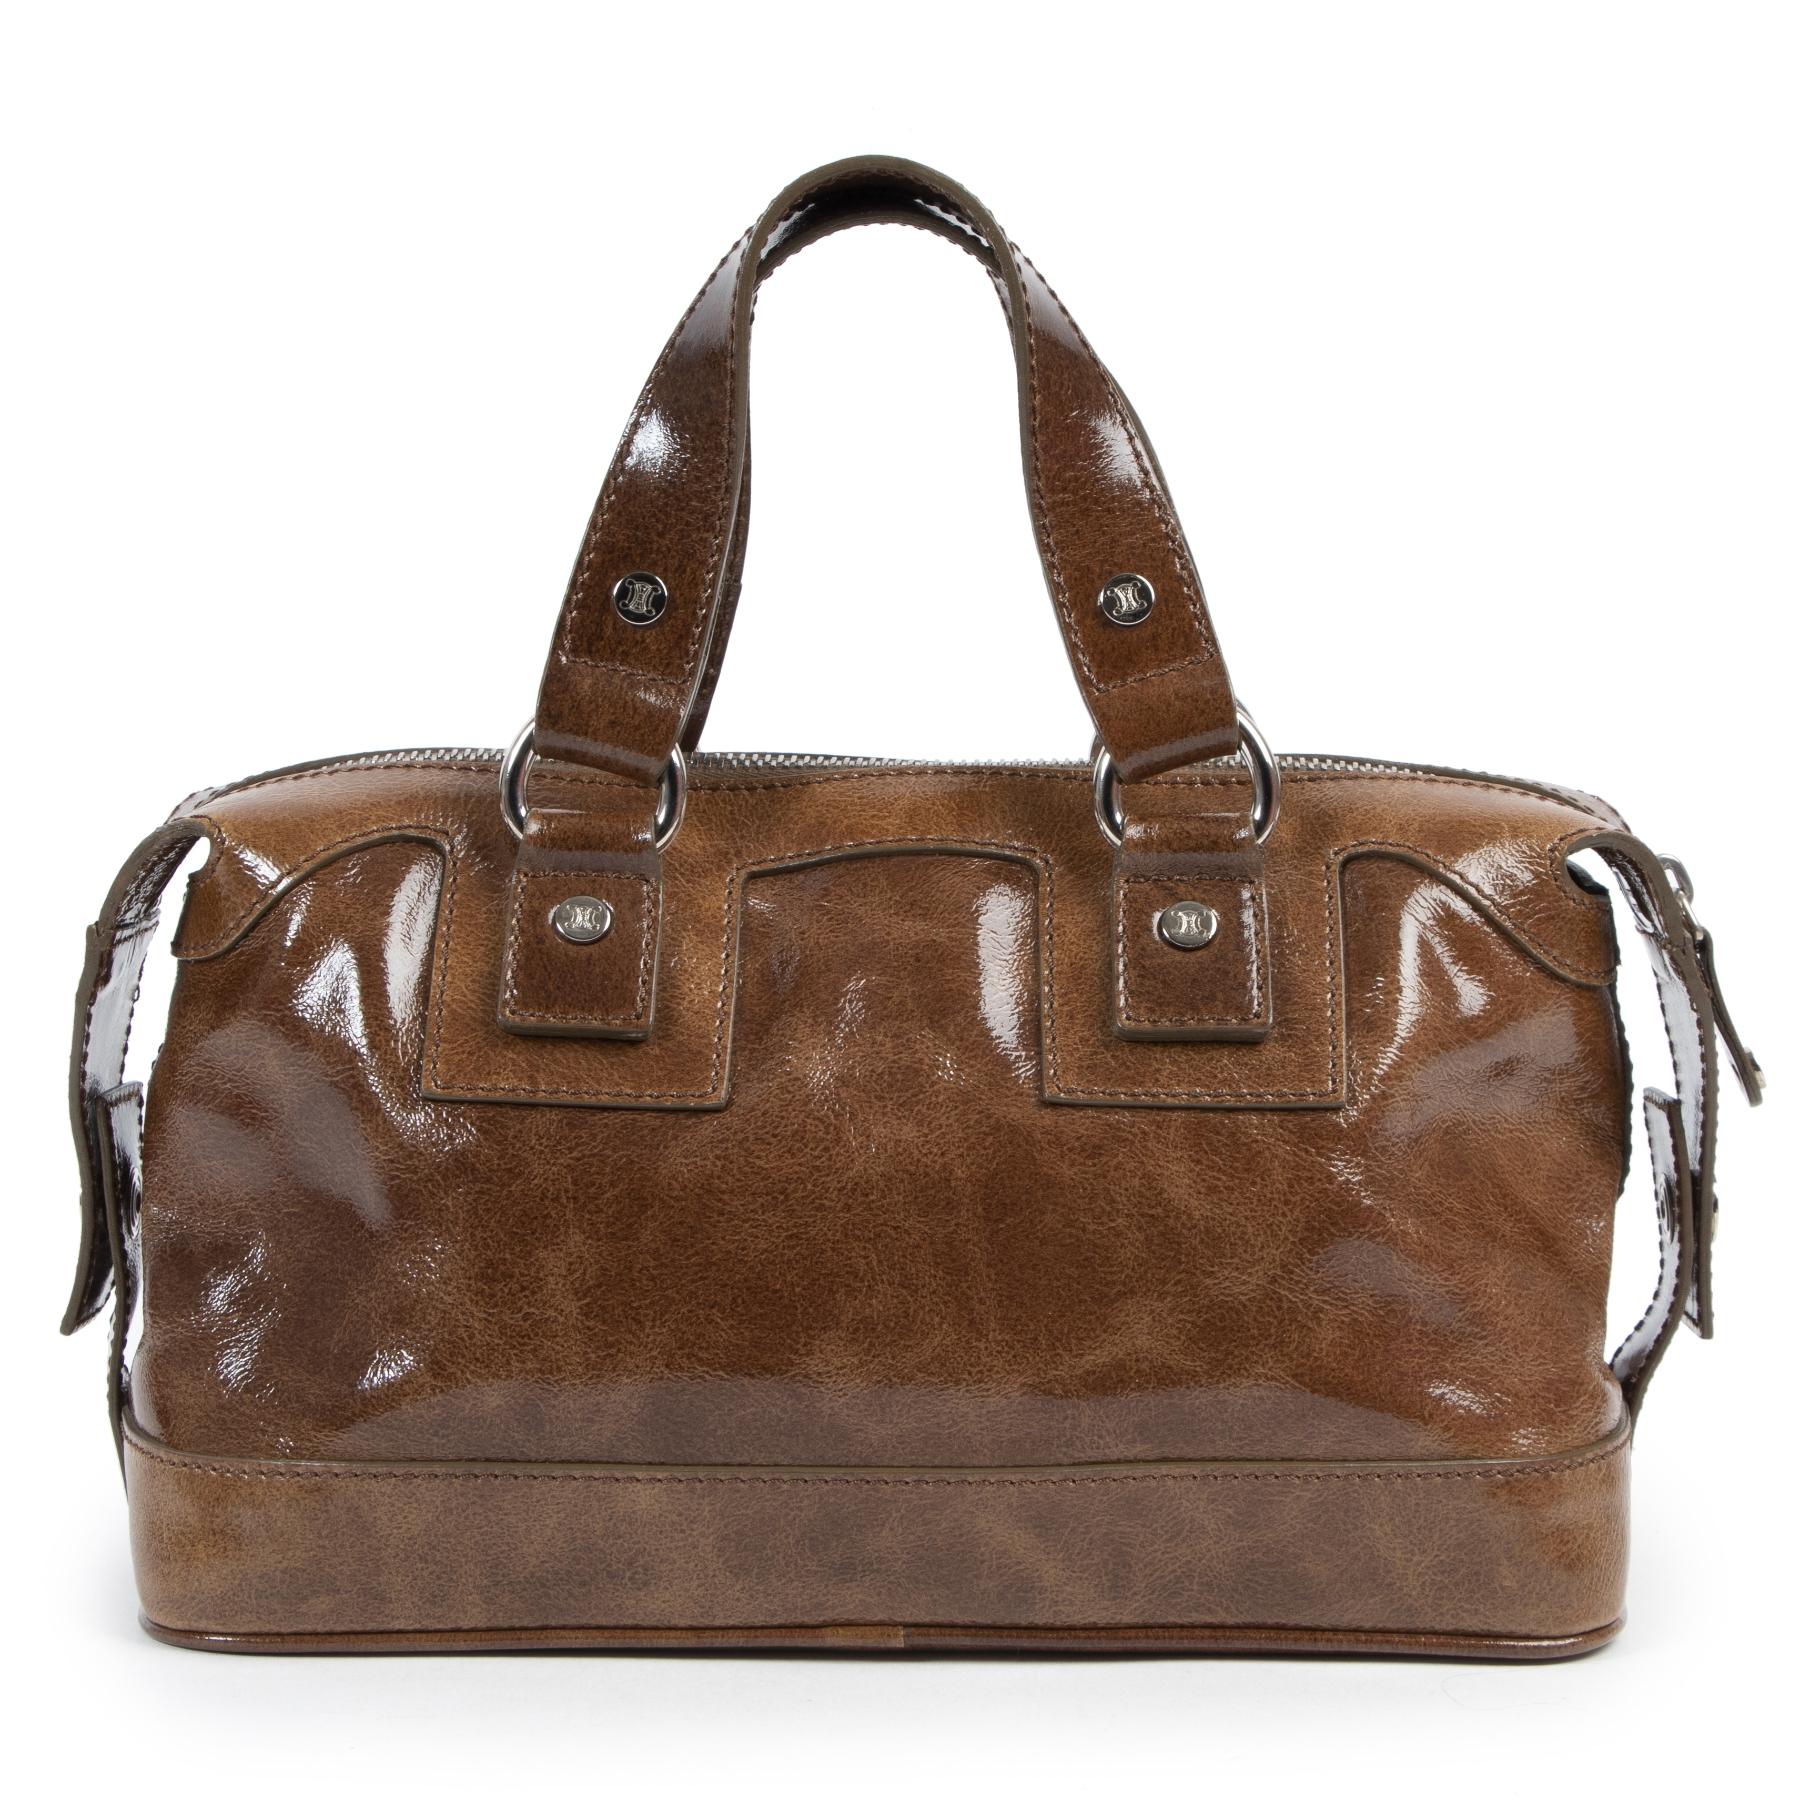 Achetez d'authentiques sacs à main Céline d'occasion à bon prix chez LabelLOV.